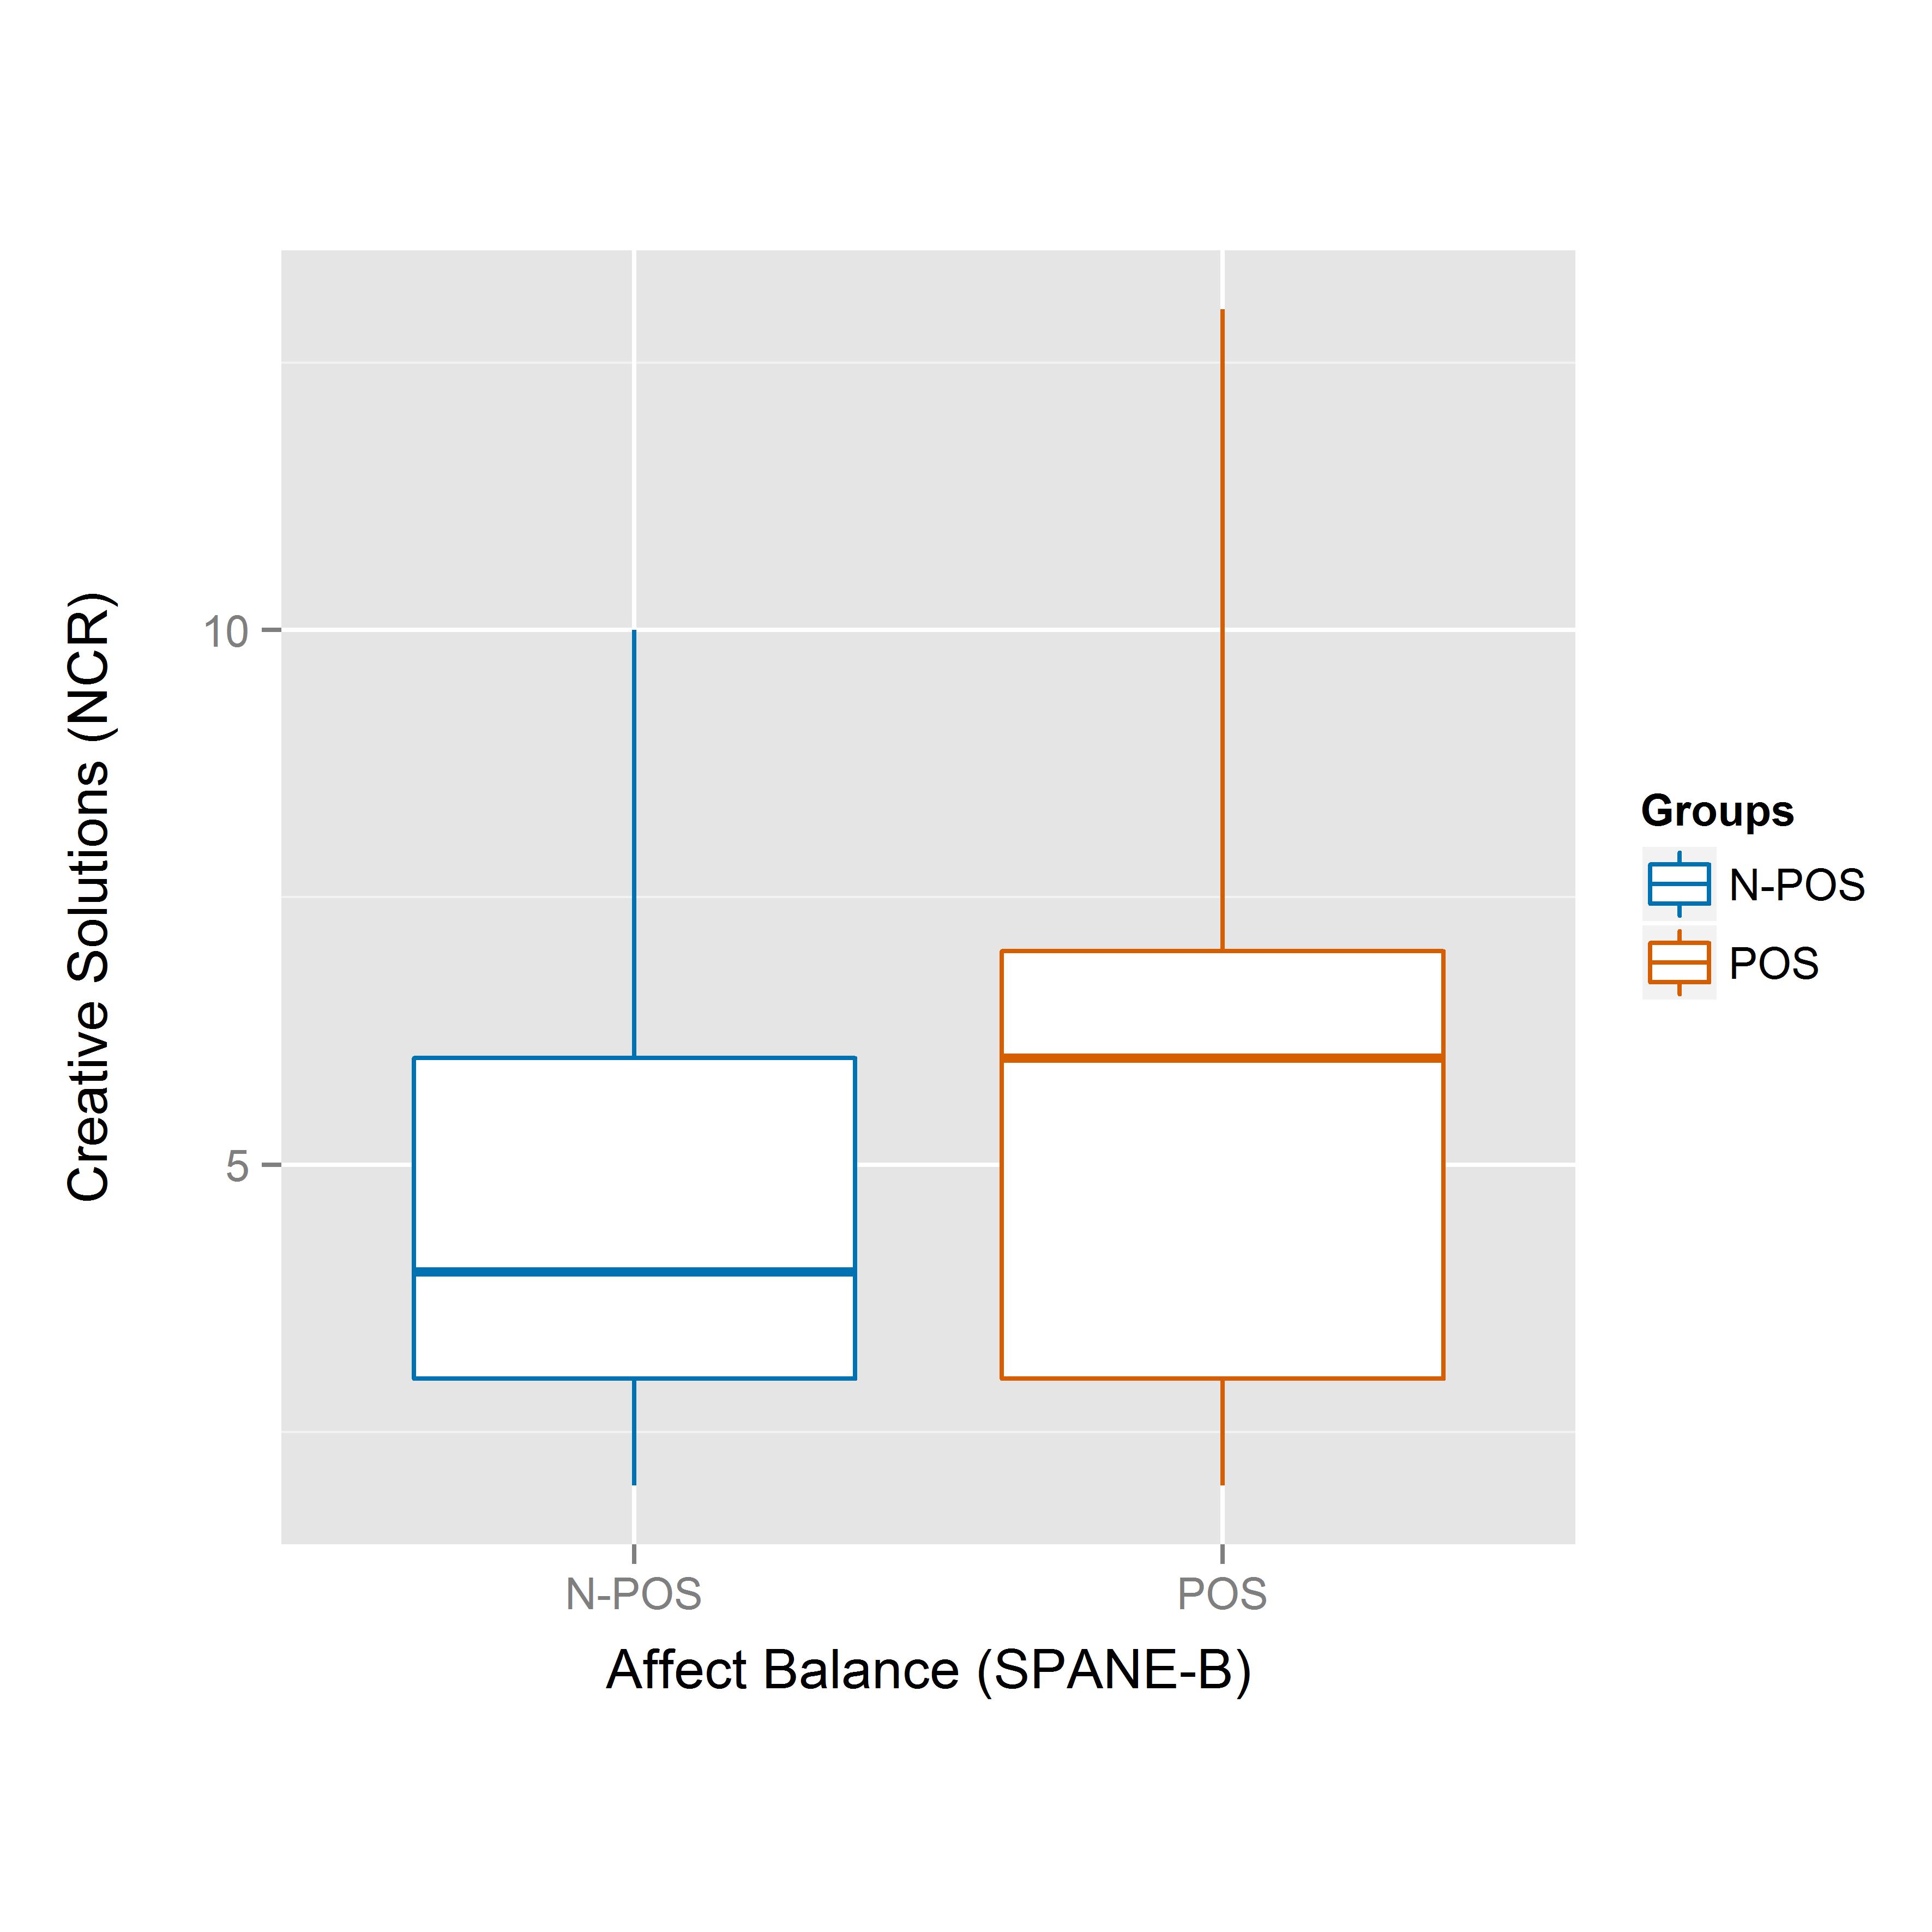 Tolle 82 Phänomenale Diagramm Herunterladen Foto Ideen ...